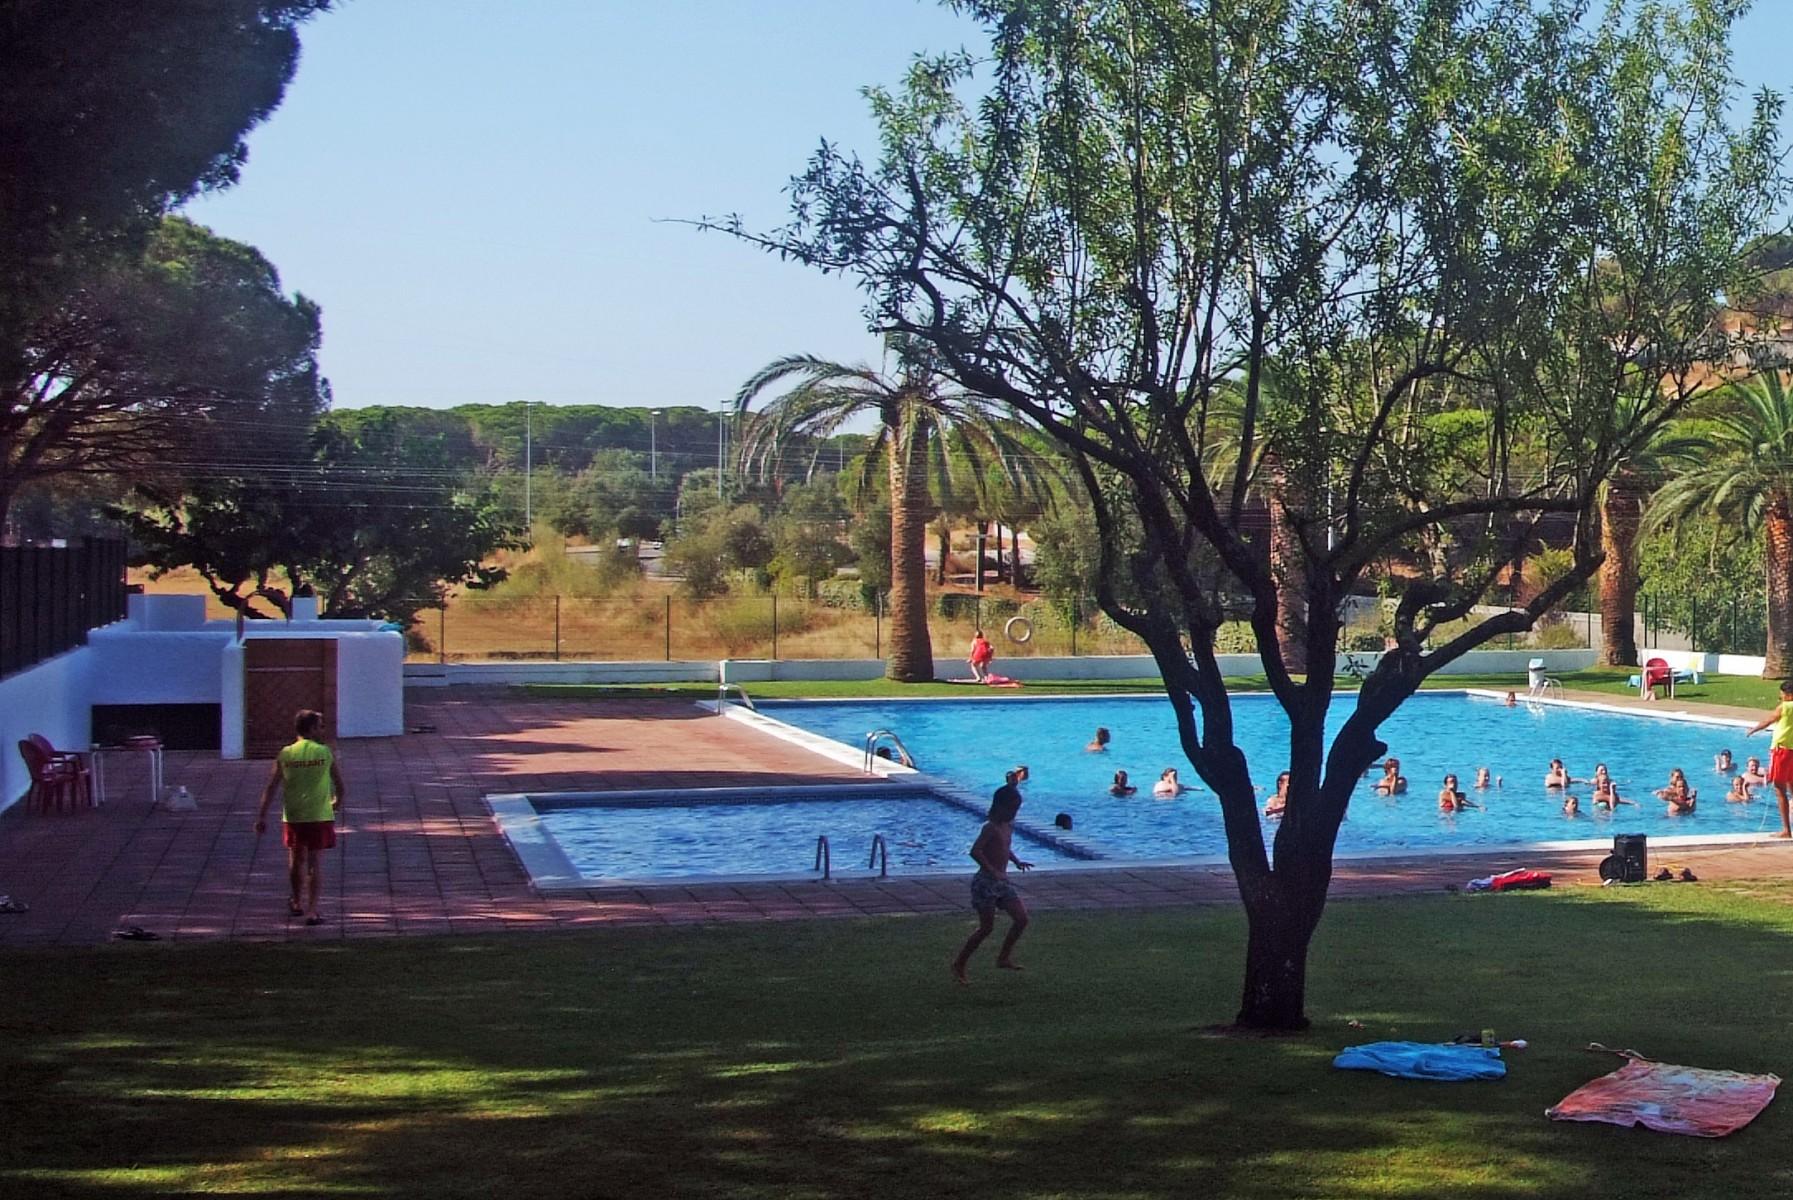 Piscina bambini camping caravaning internacional palam s - Camping piscina climatizada catalunya ...